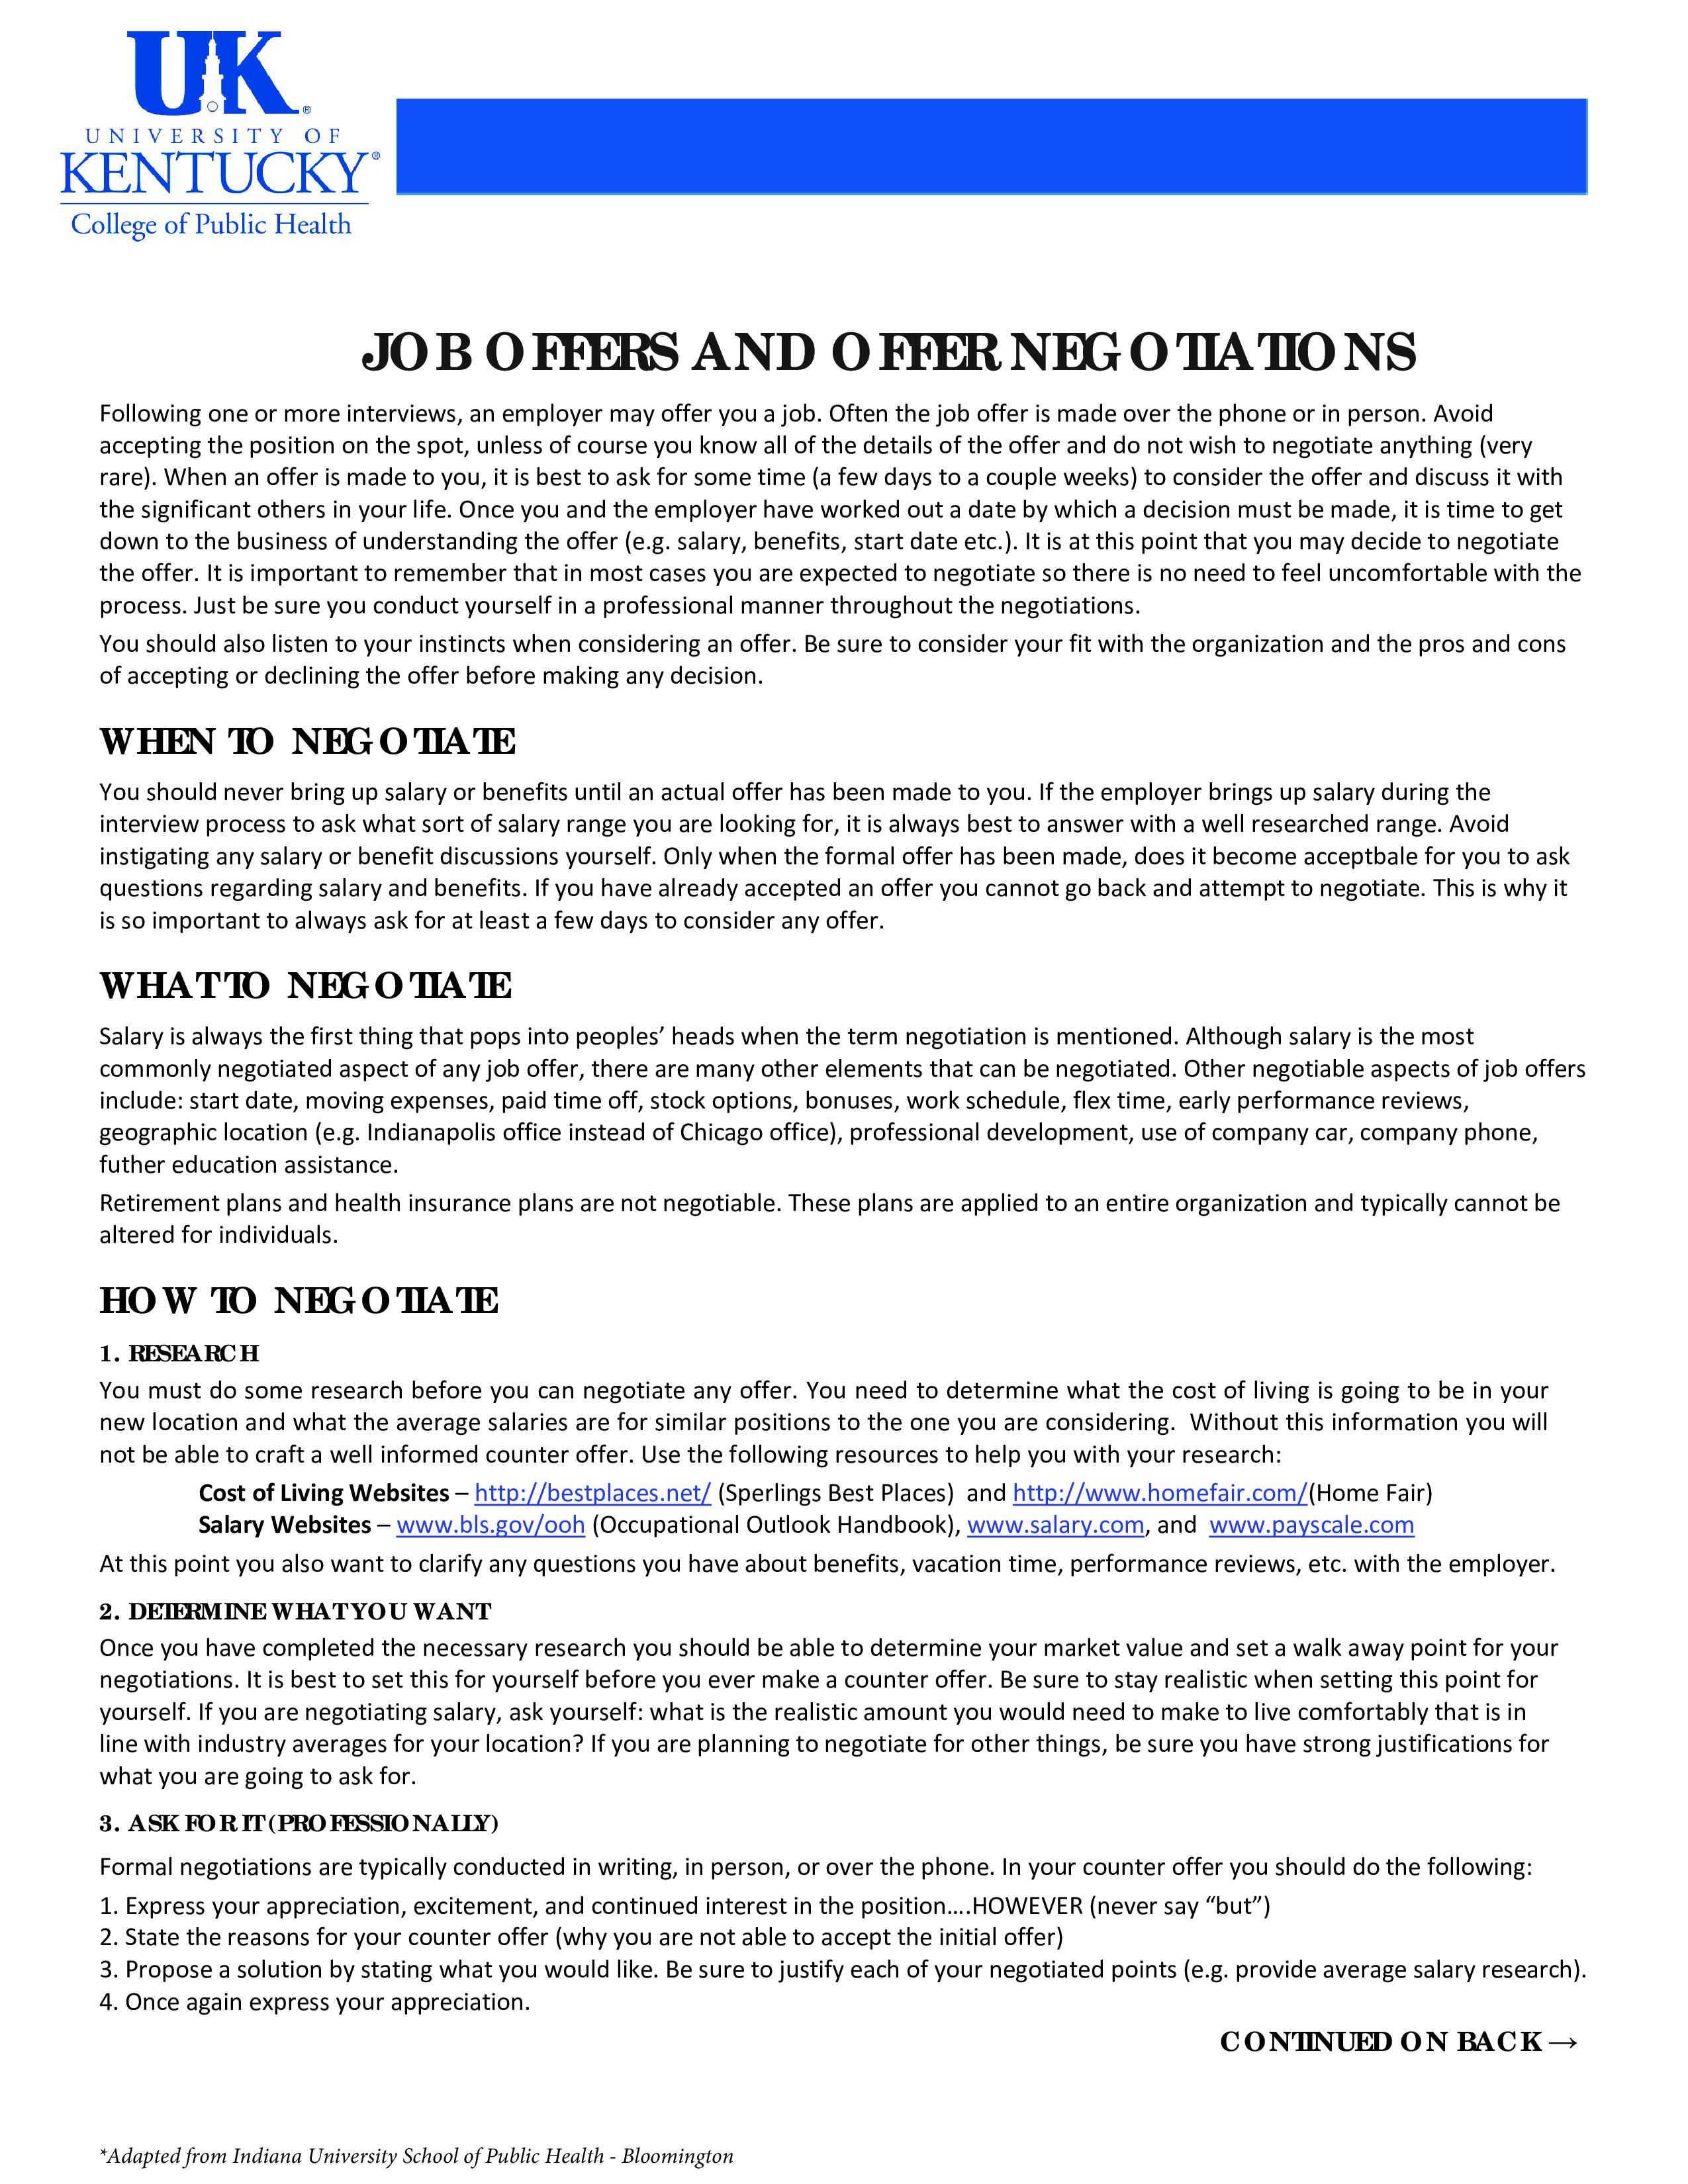 negotiating a job offer letter